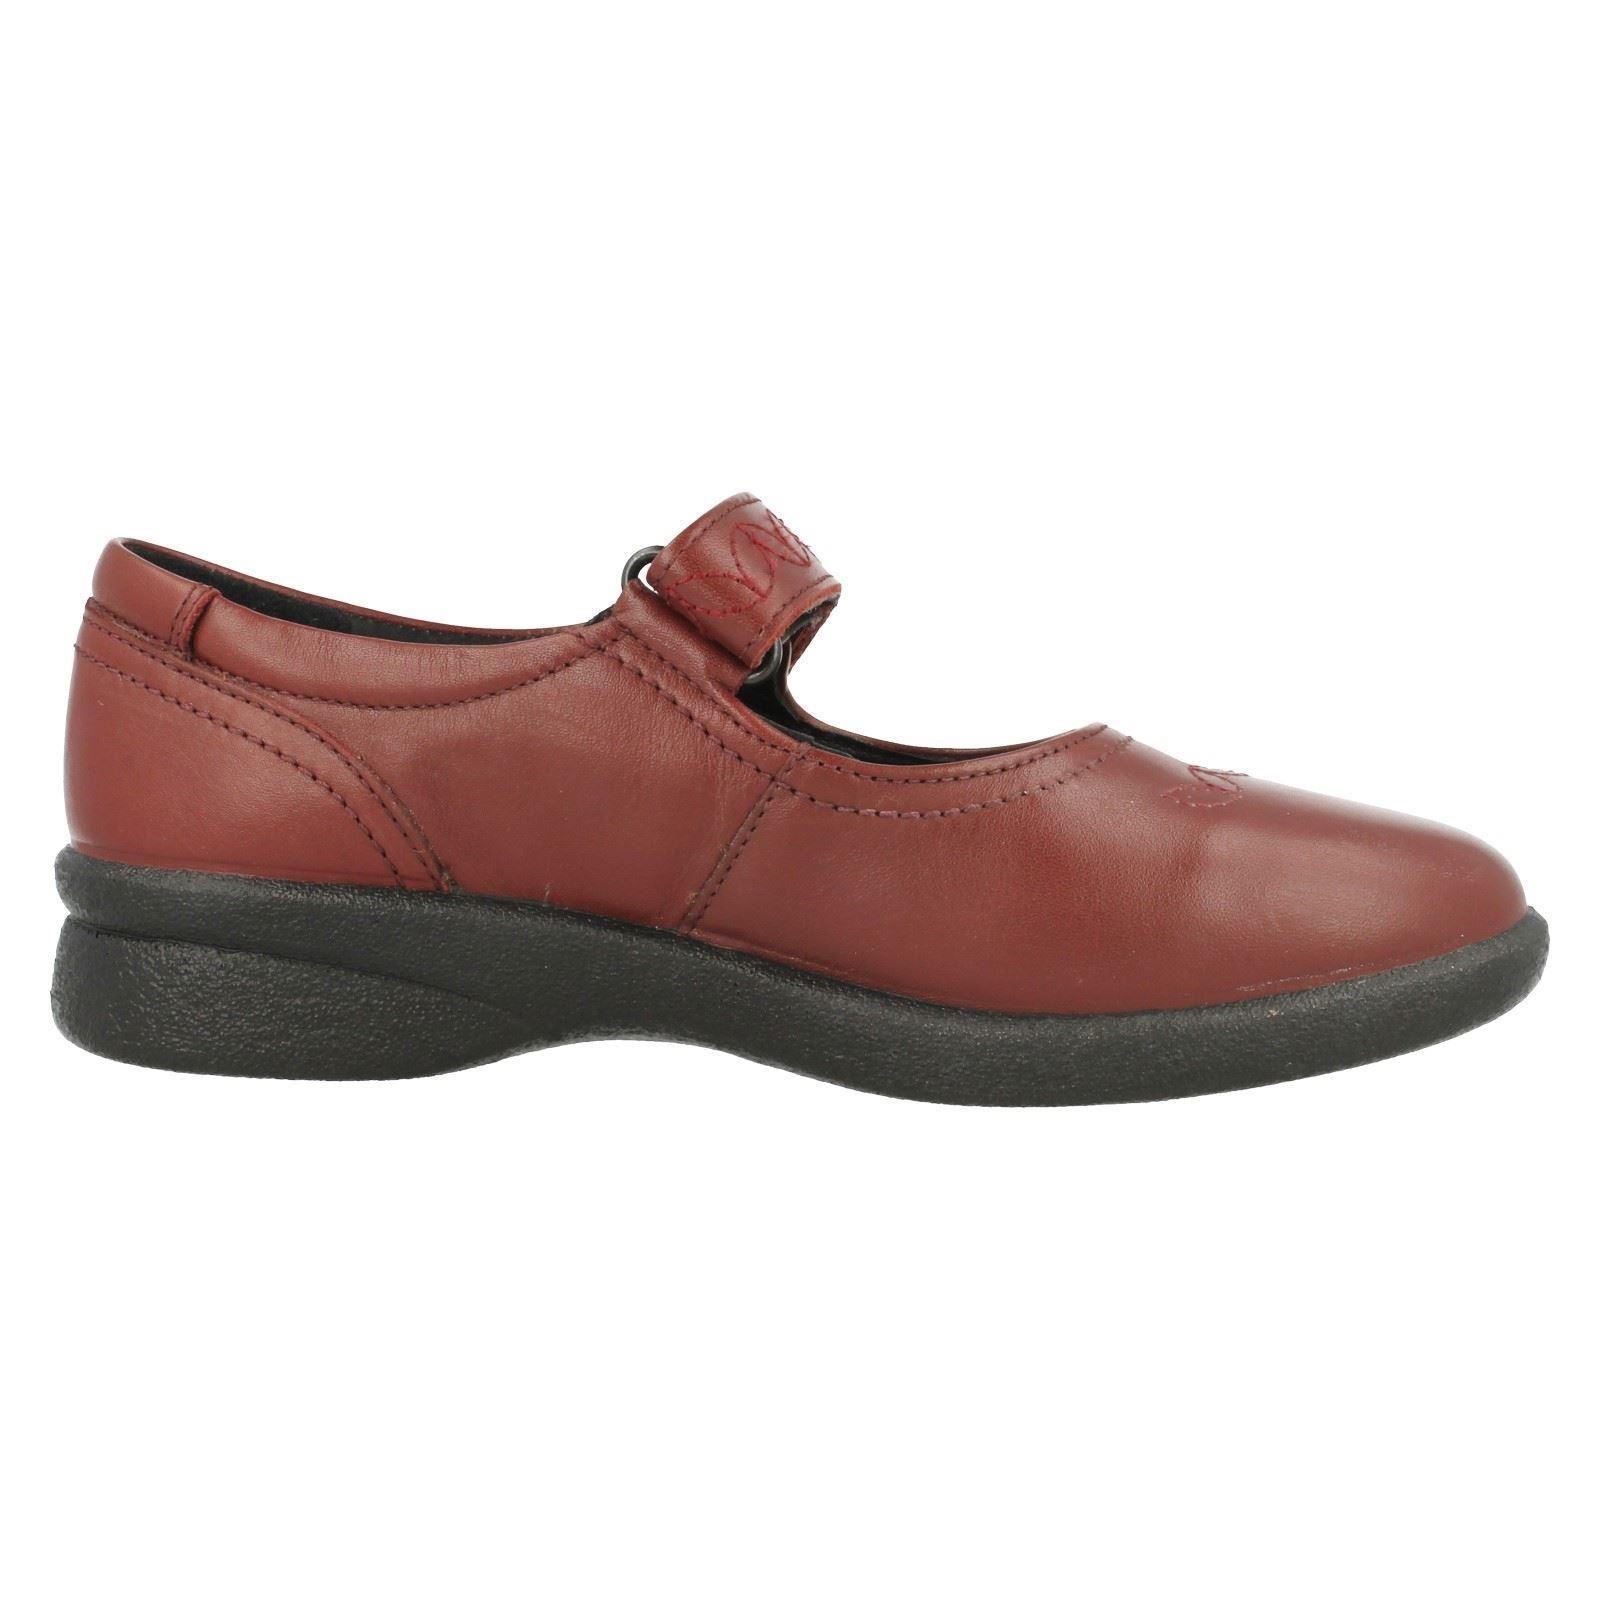 Zapatos De Cuero Táctil Padders Sprite 2 para Mujer Damas Cierre Táctil Cuero 3E 4E Ancho Ajuste Rojo bb6c7b